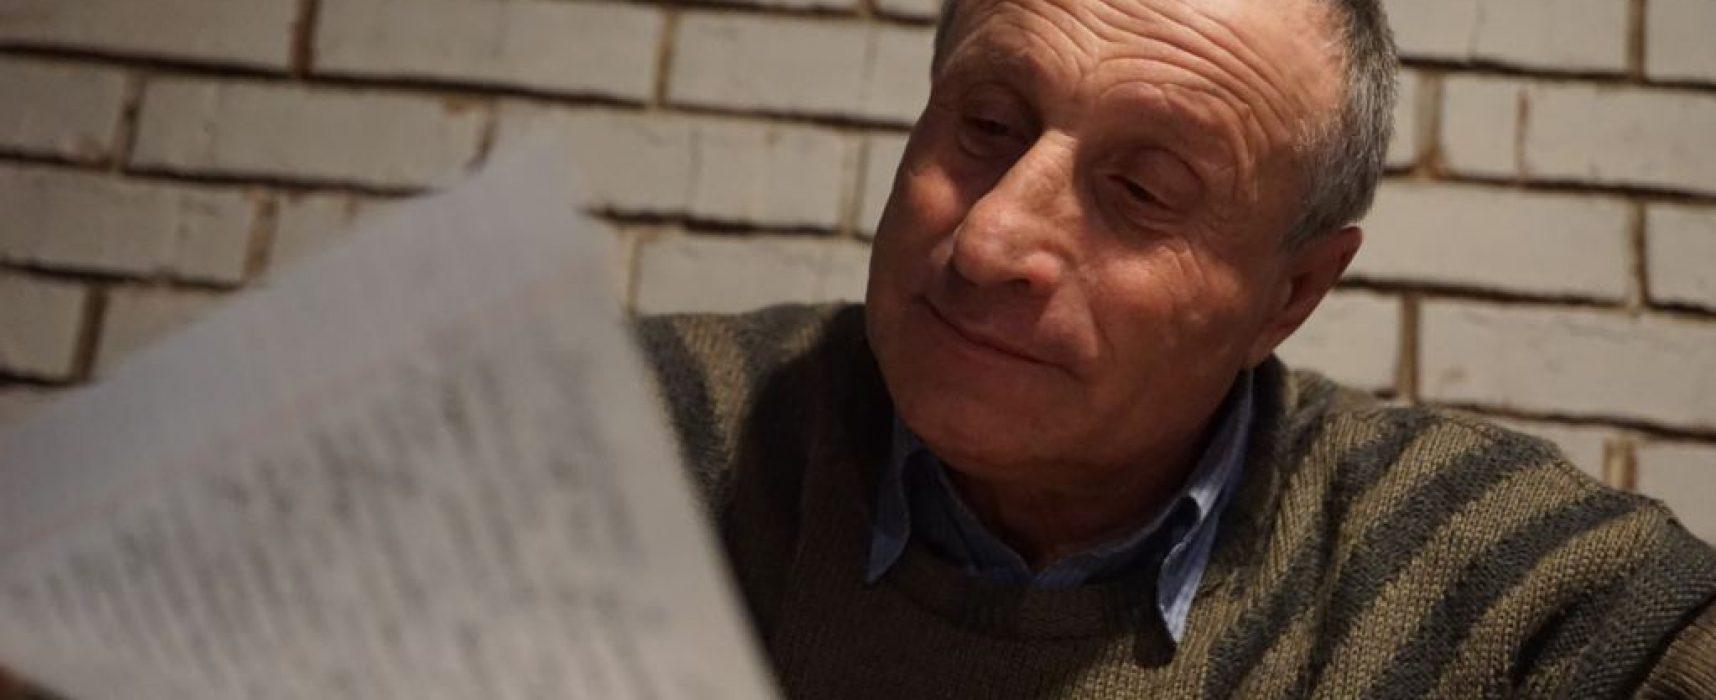 Dziennikarzowi odmówiono możliwości opuszczenia Krymu w celu leczenia